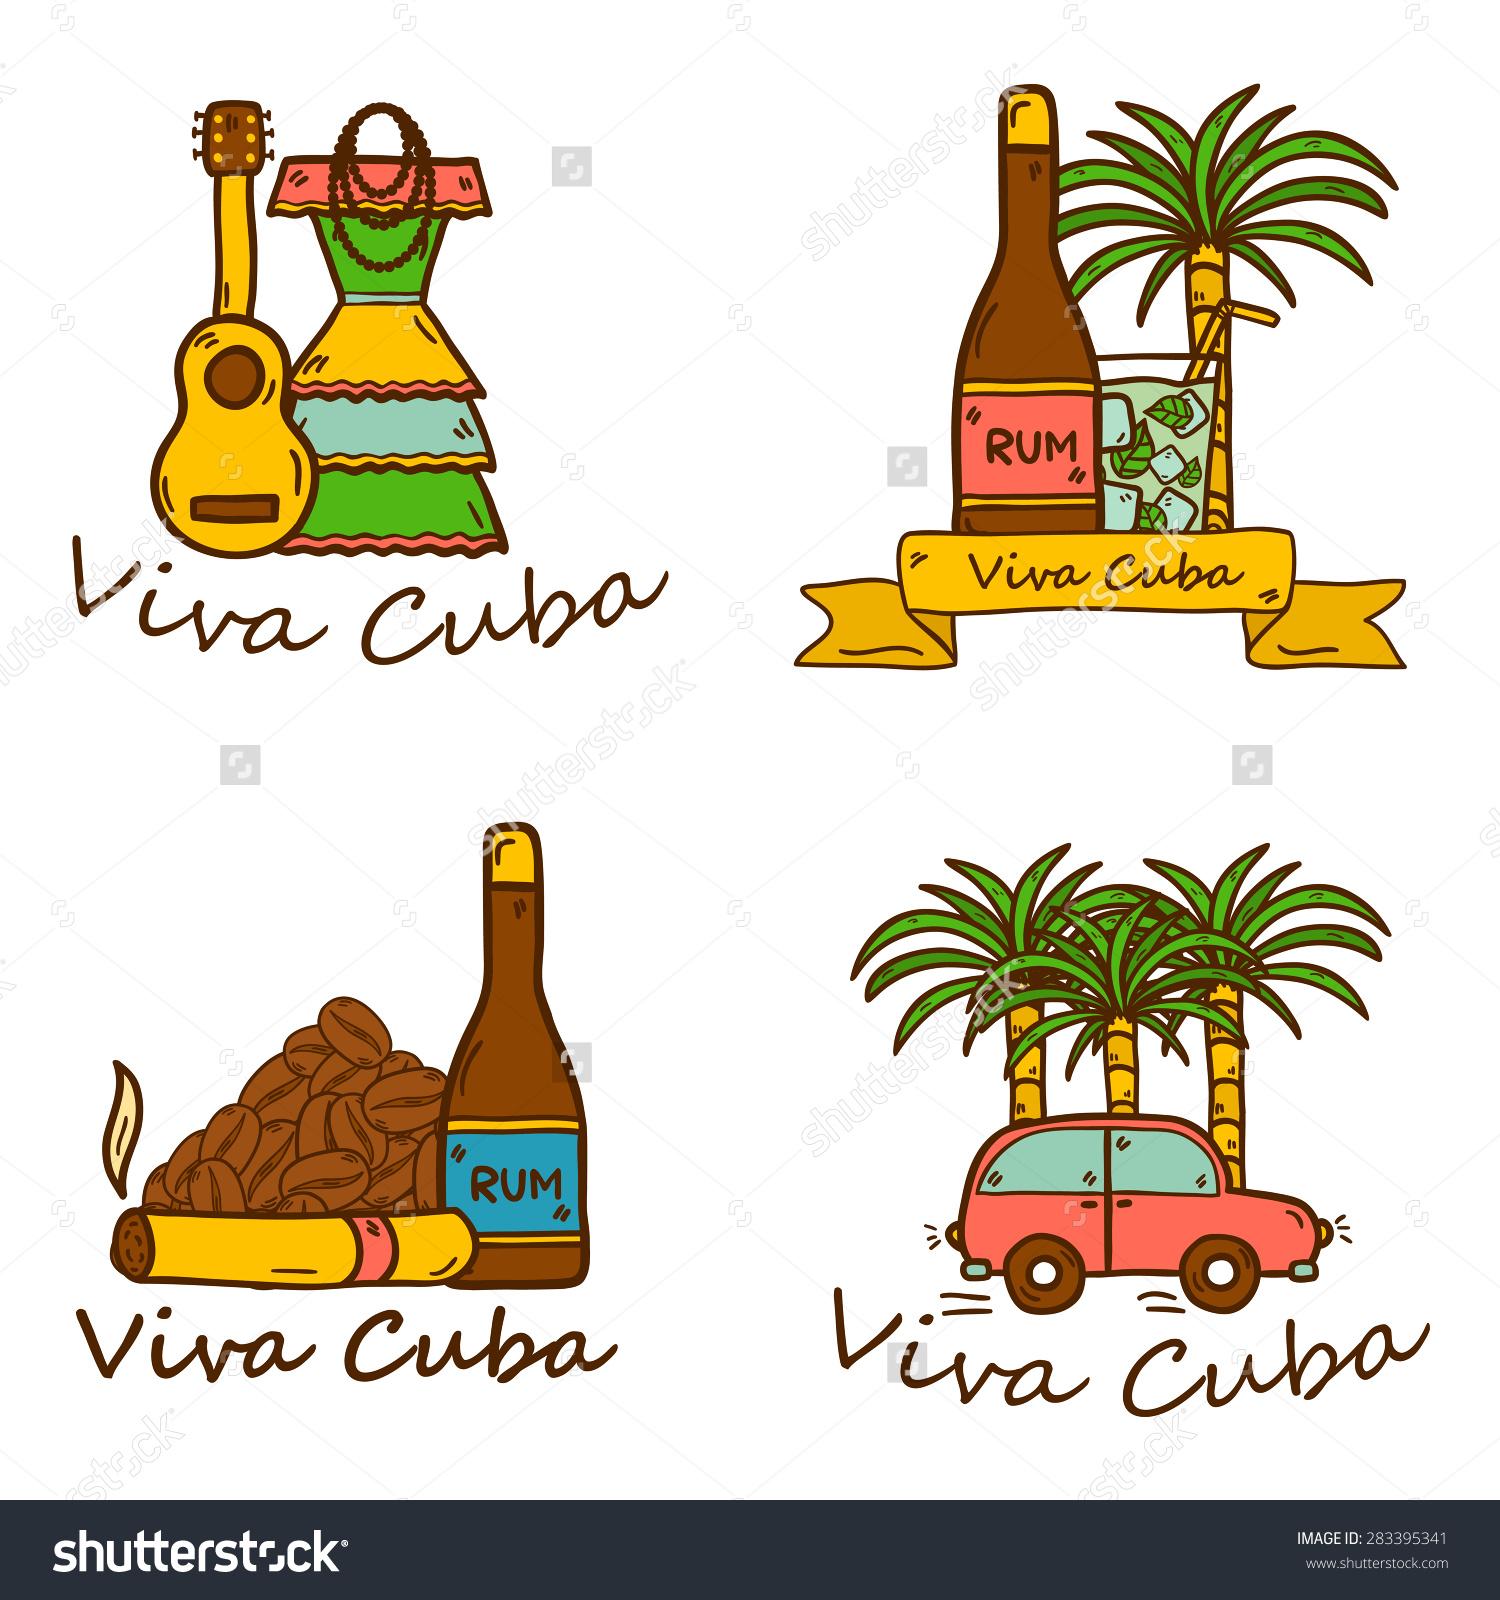 Cuban food clipart.